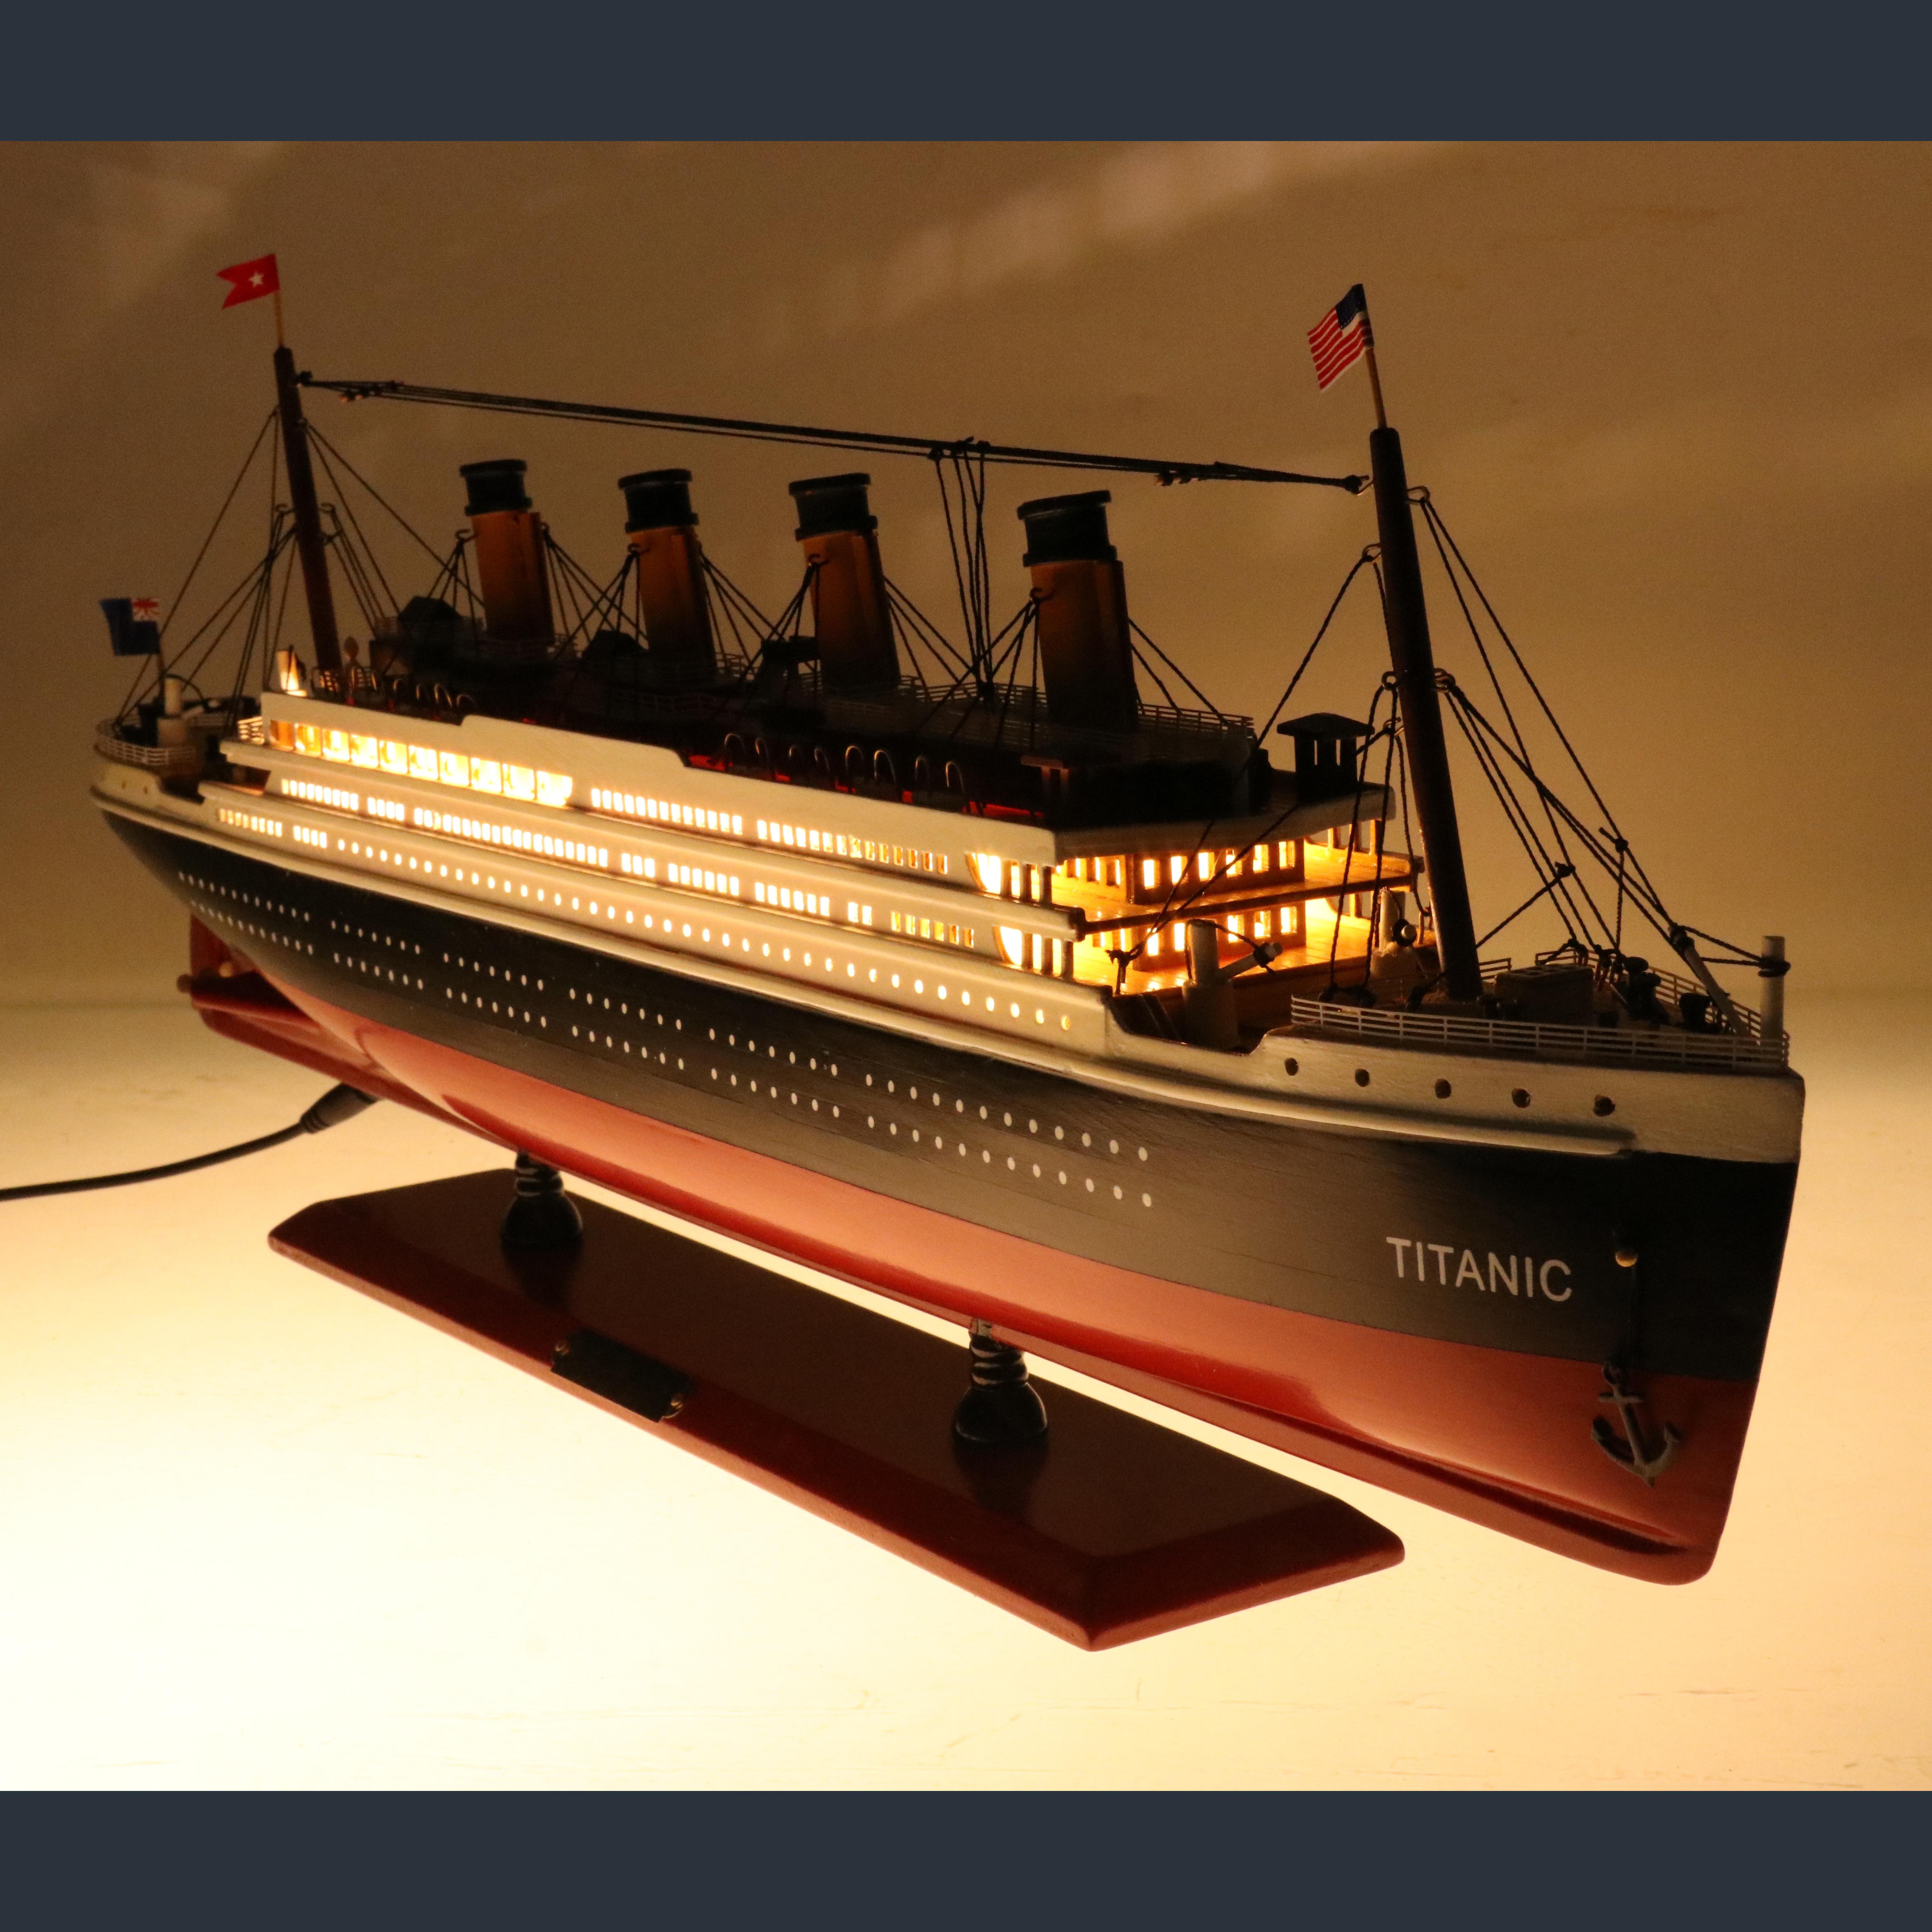 Оптовая продажа, модель круизного лайнера из титанического дерева, светодиодная подсветка, украшение для дома в морском стиле, мужской подарок, украшение на День отца